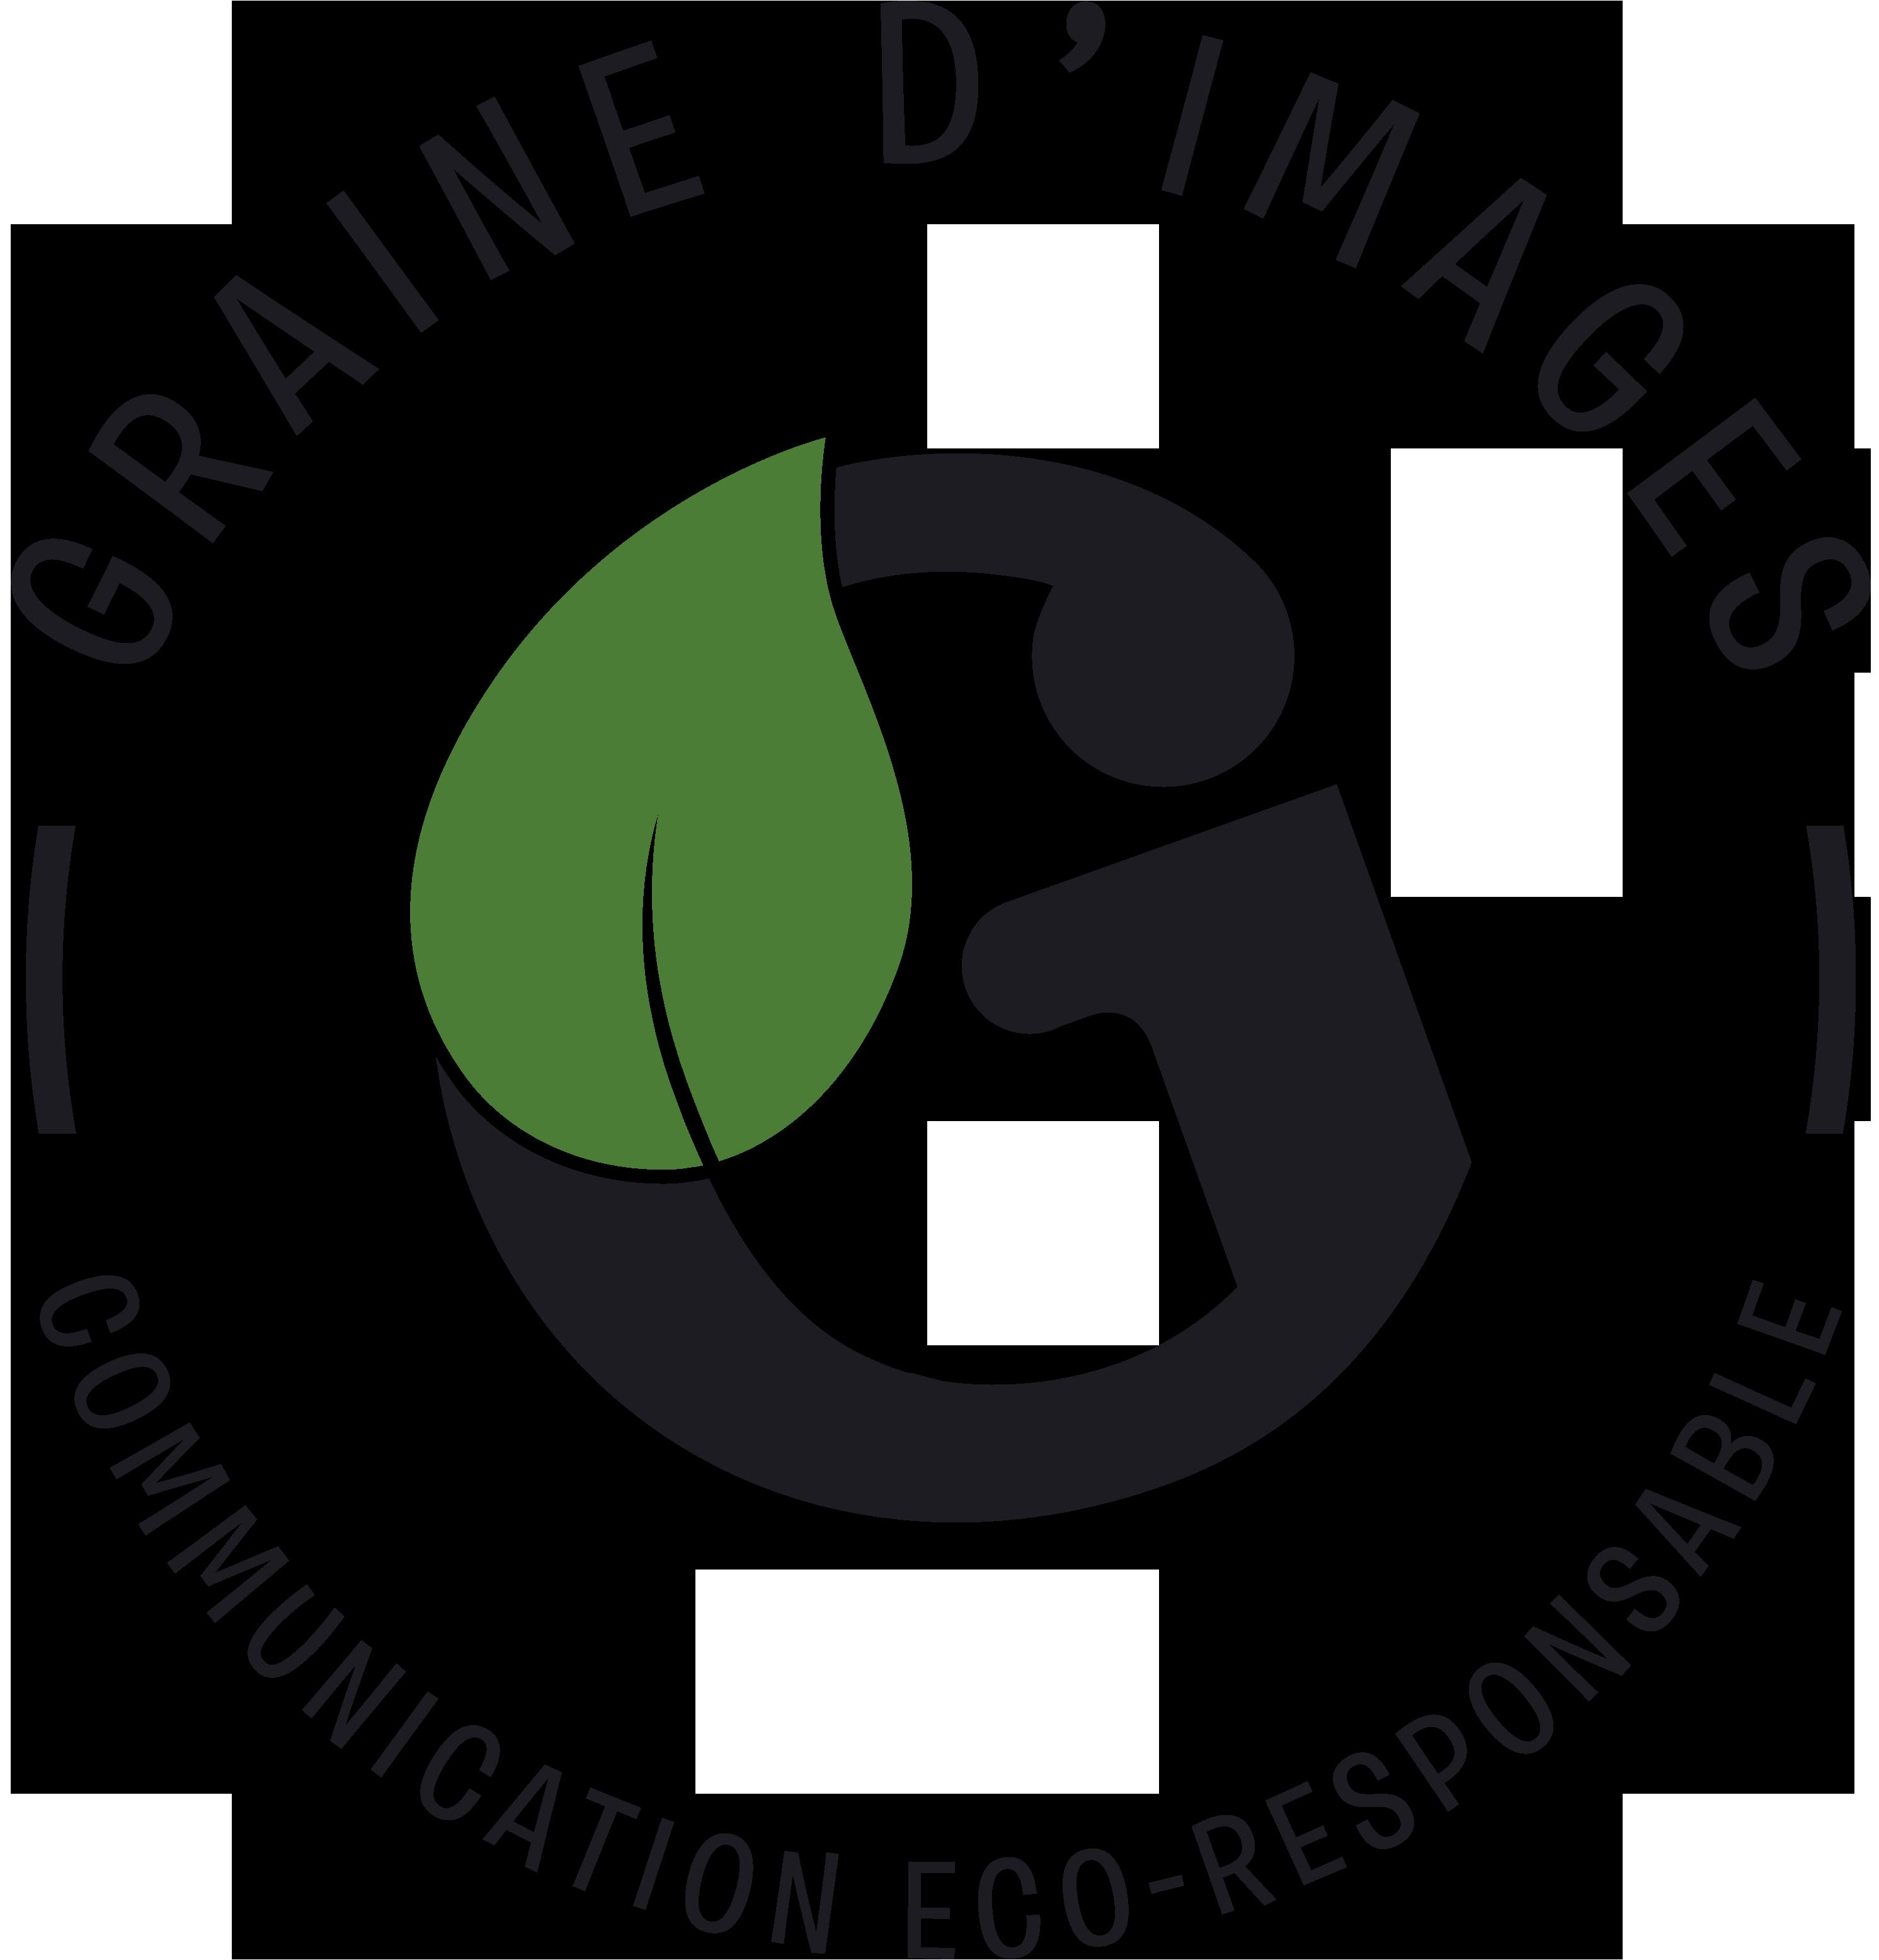 Graine d'images - Le spécialiste de votre communication en ligne